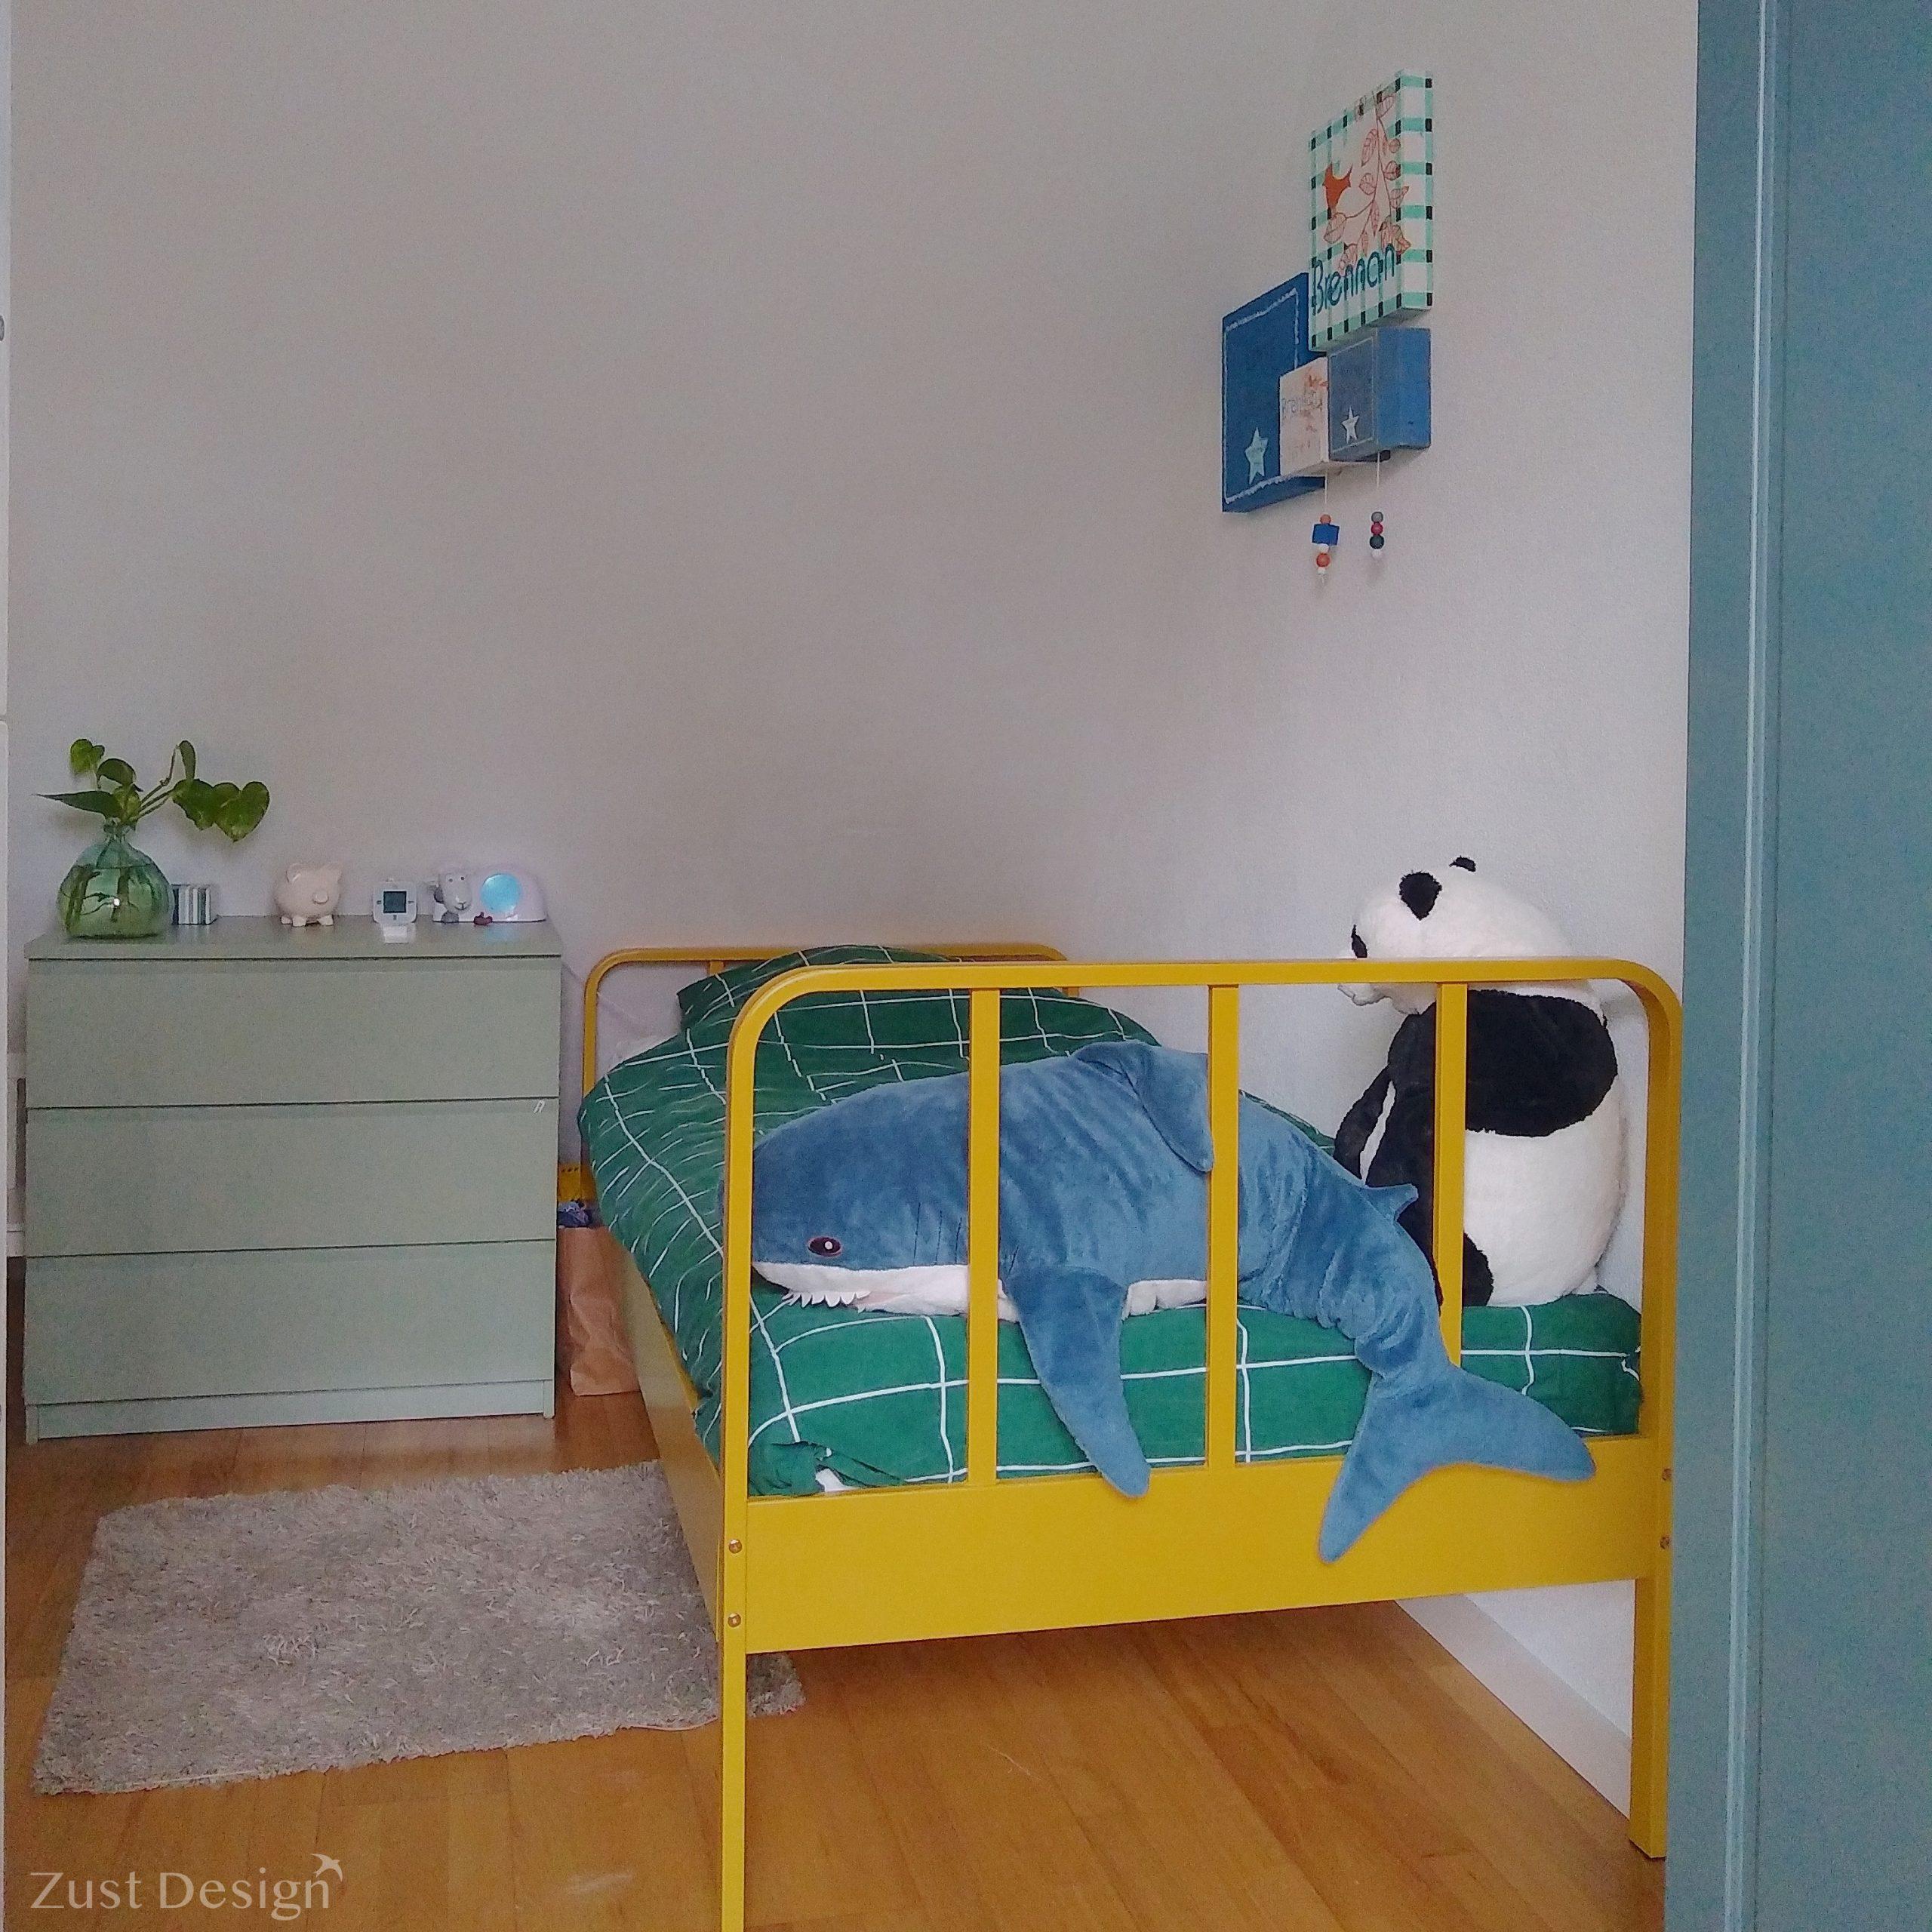 Binnenkijken: kinderkamer particulier woonhuis nuenen nieuw interieur design